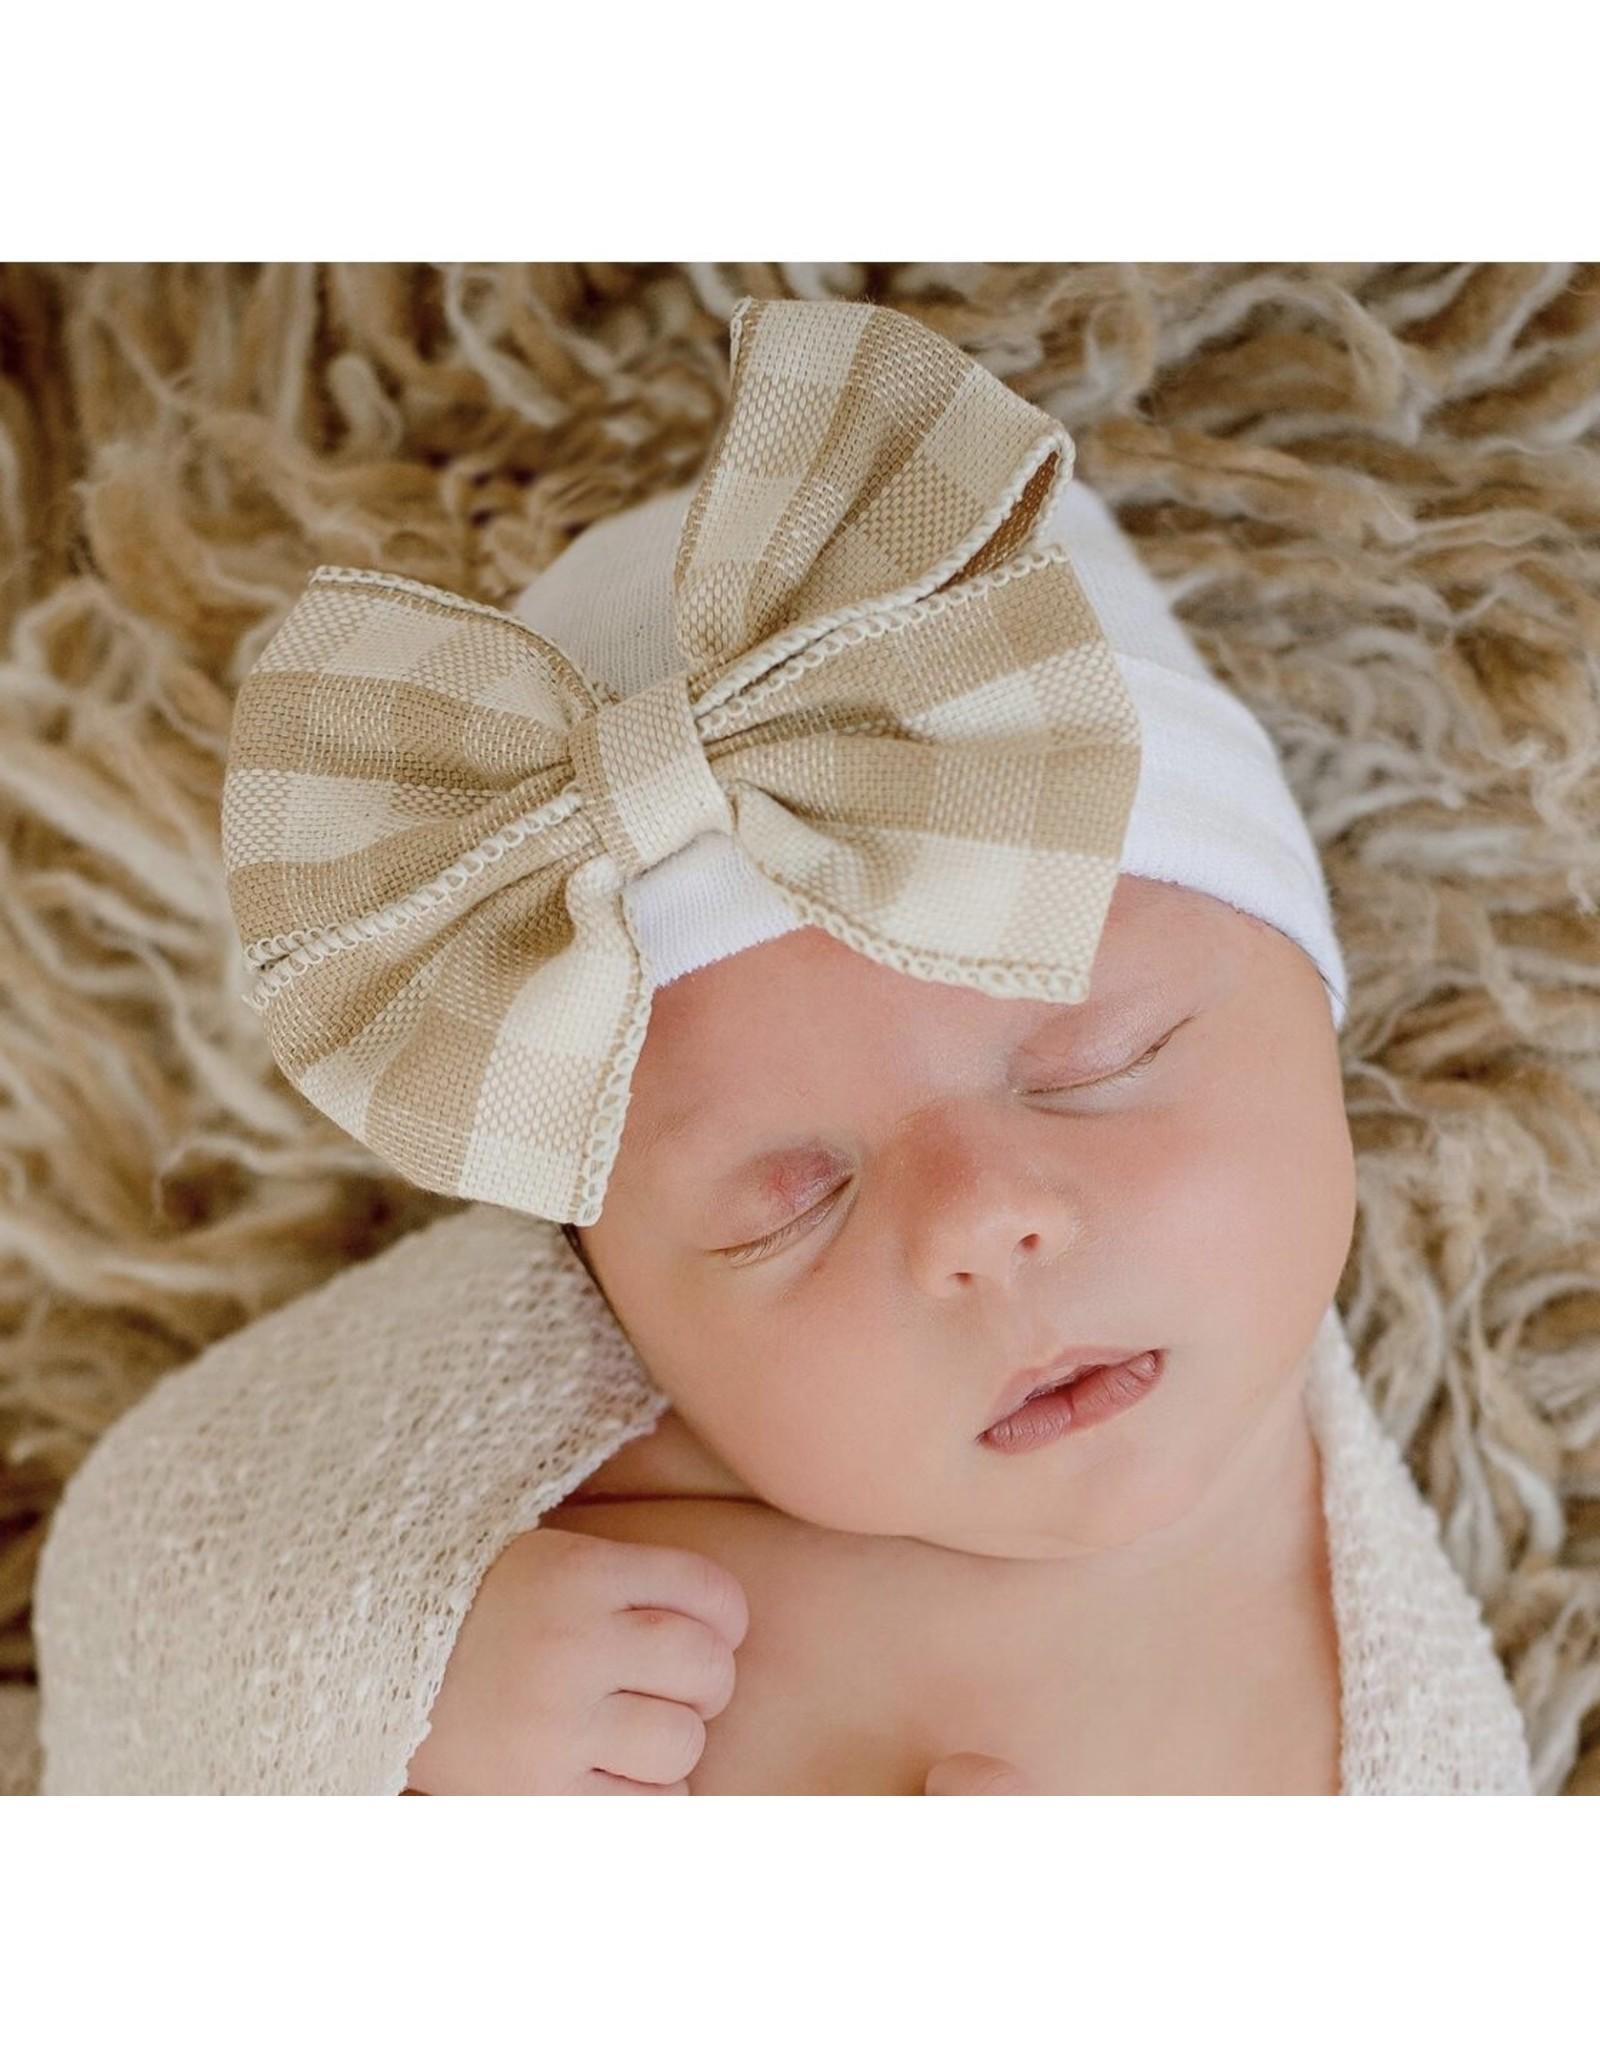 ILYBEAN Ilybean - Taupe Tan Bow Nursery Beanie